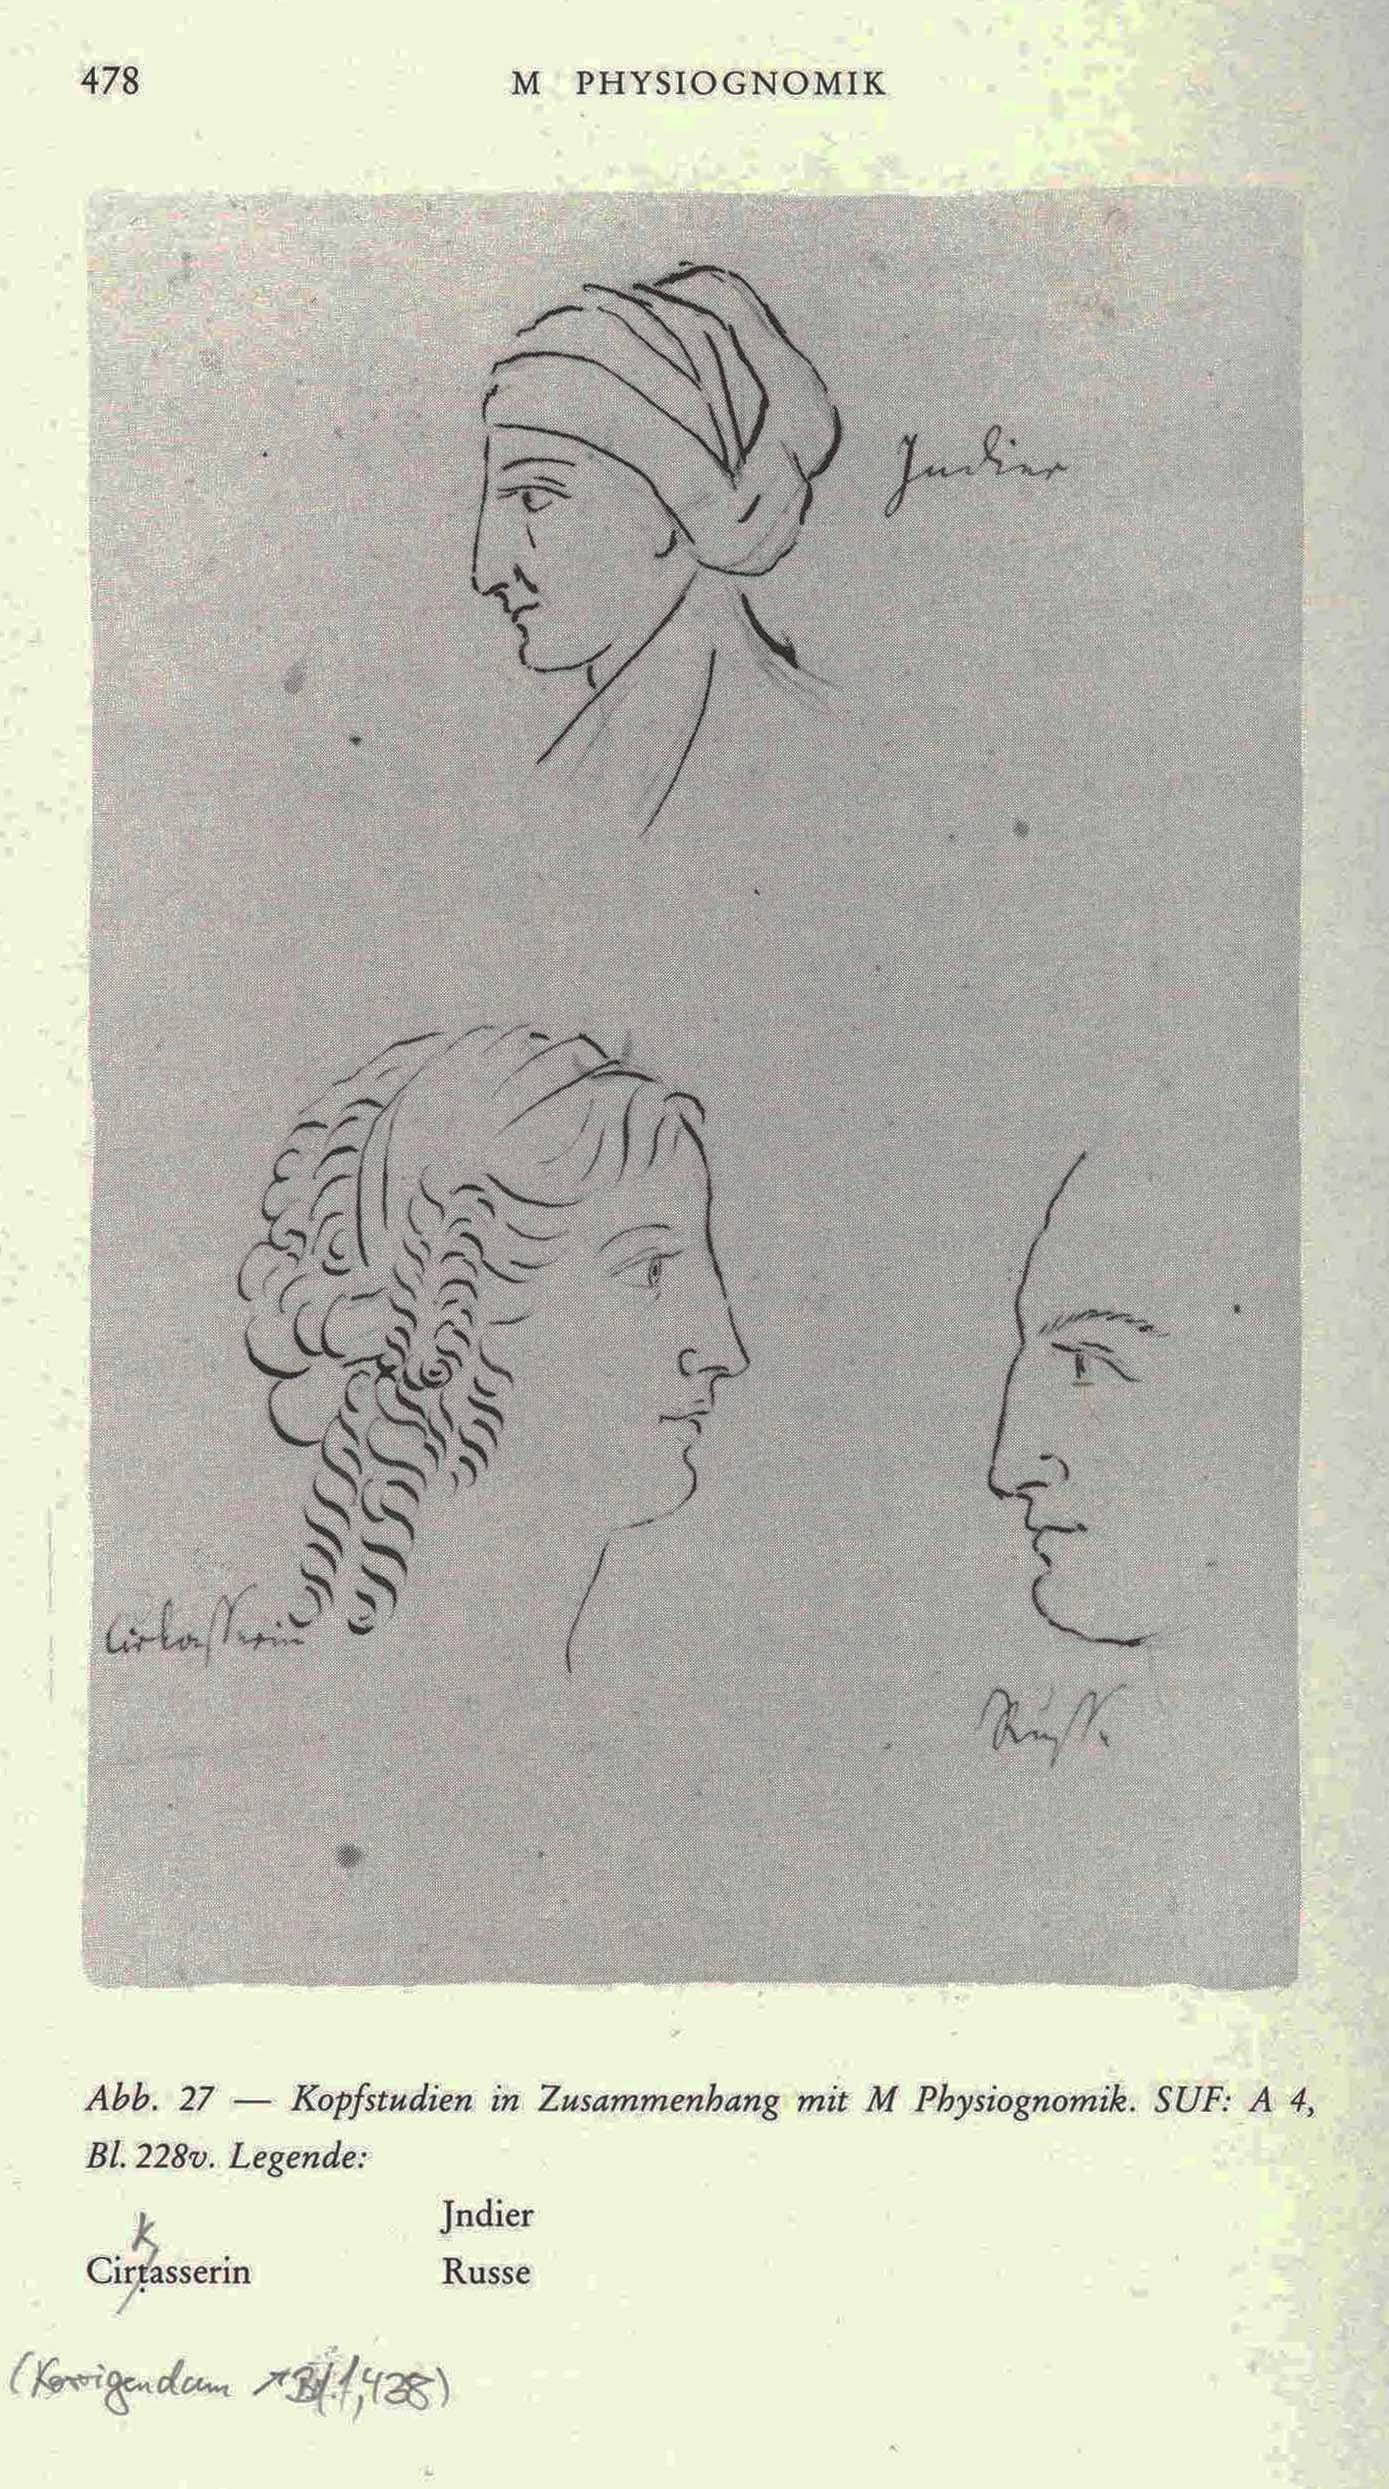 Karoline von Günderrode, Kopfstudien, ca. 1805